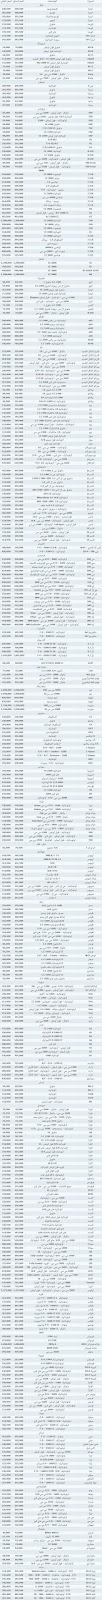 اسعار السيارات الجديدة فى مصر